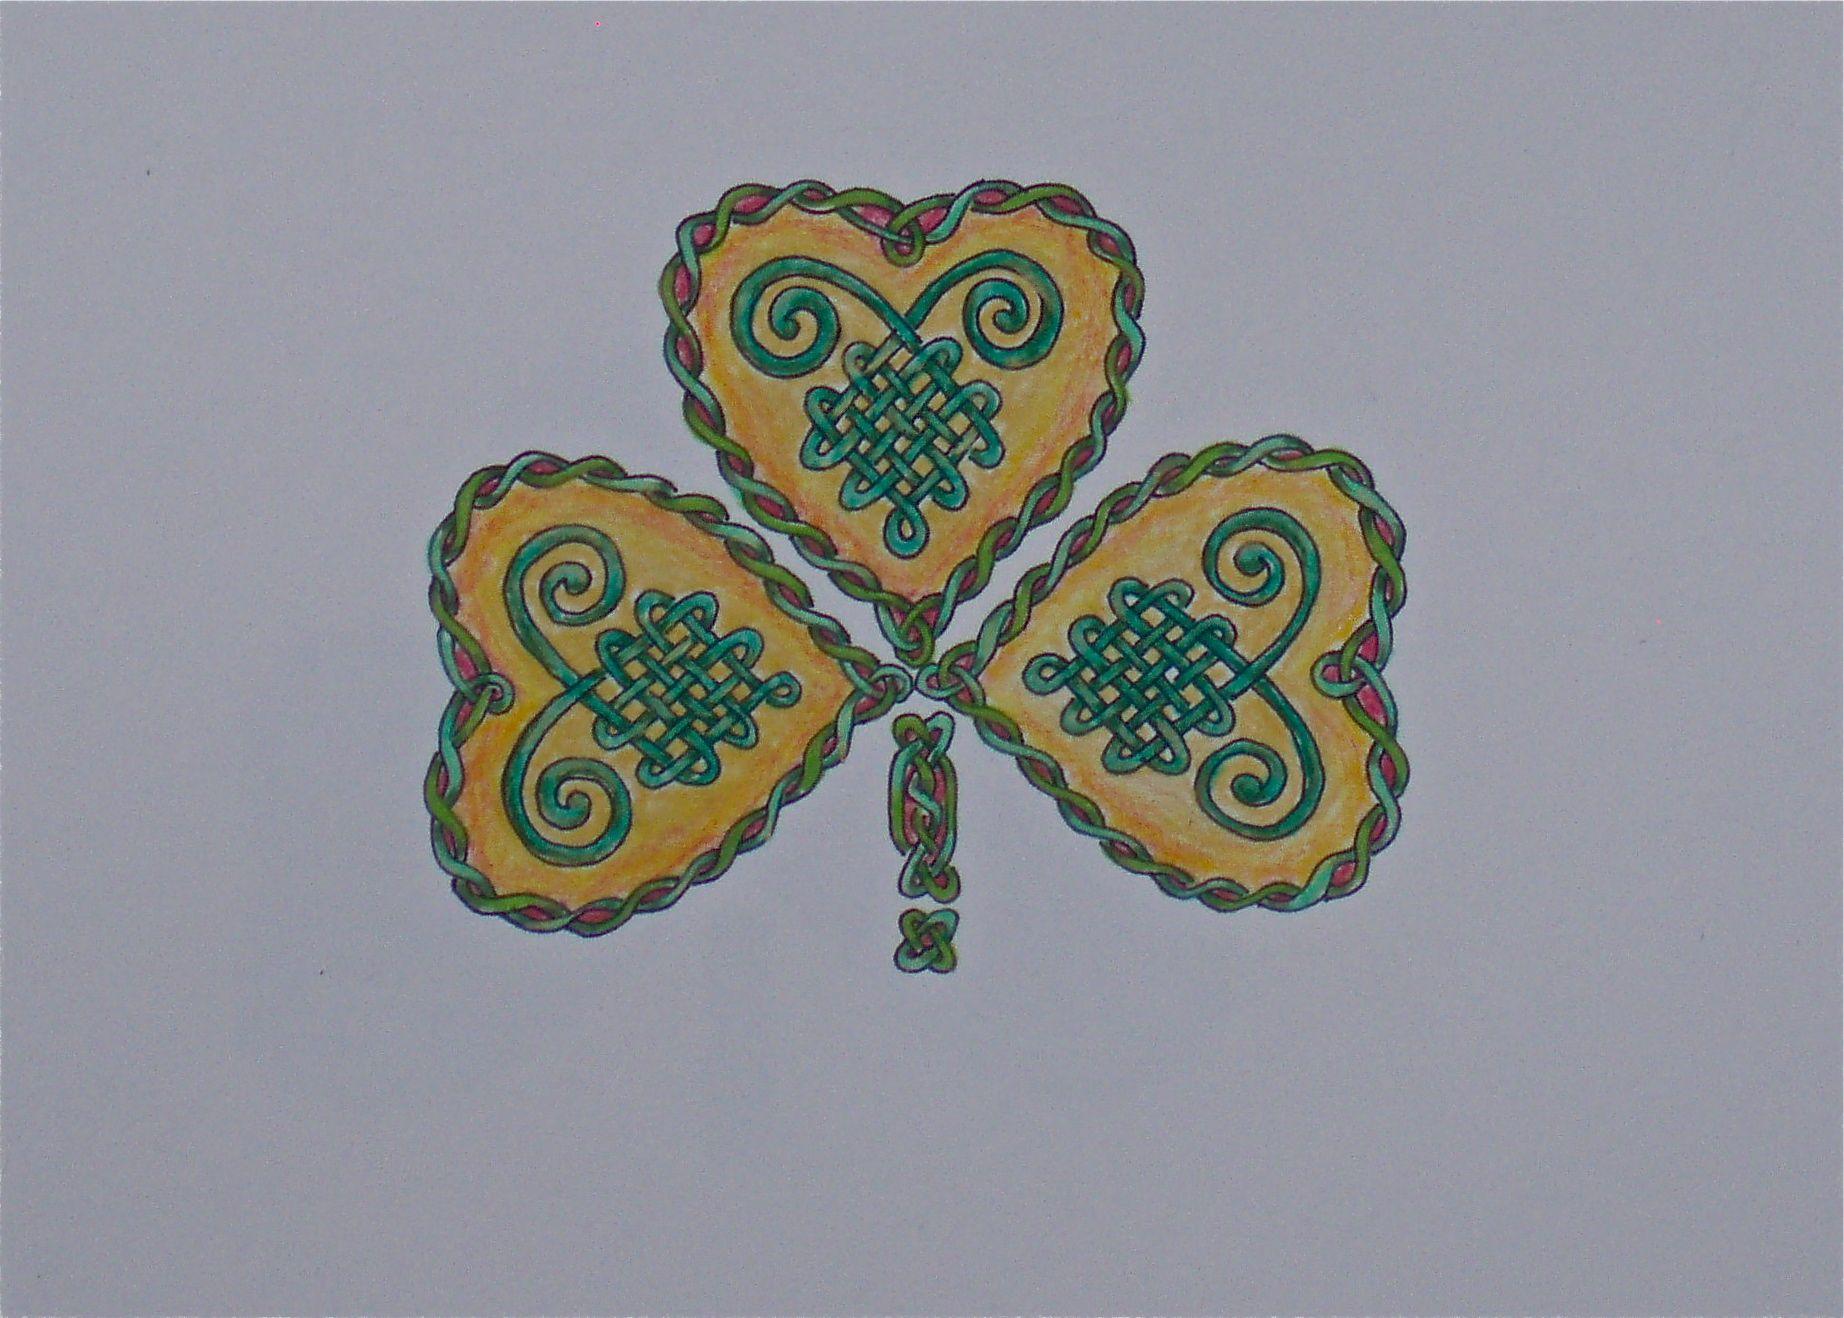 Celtic Celtic Art Irish Knots Celtic